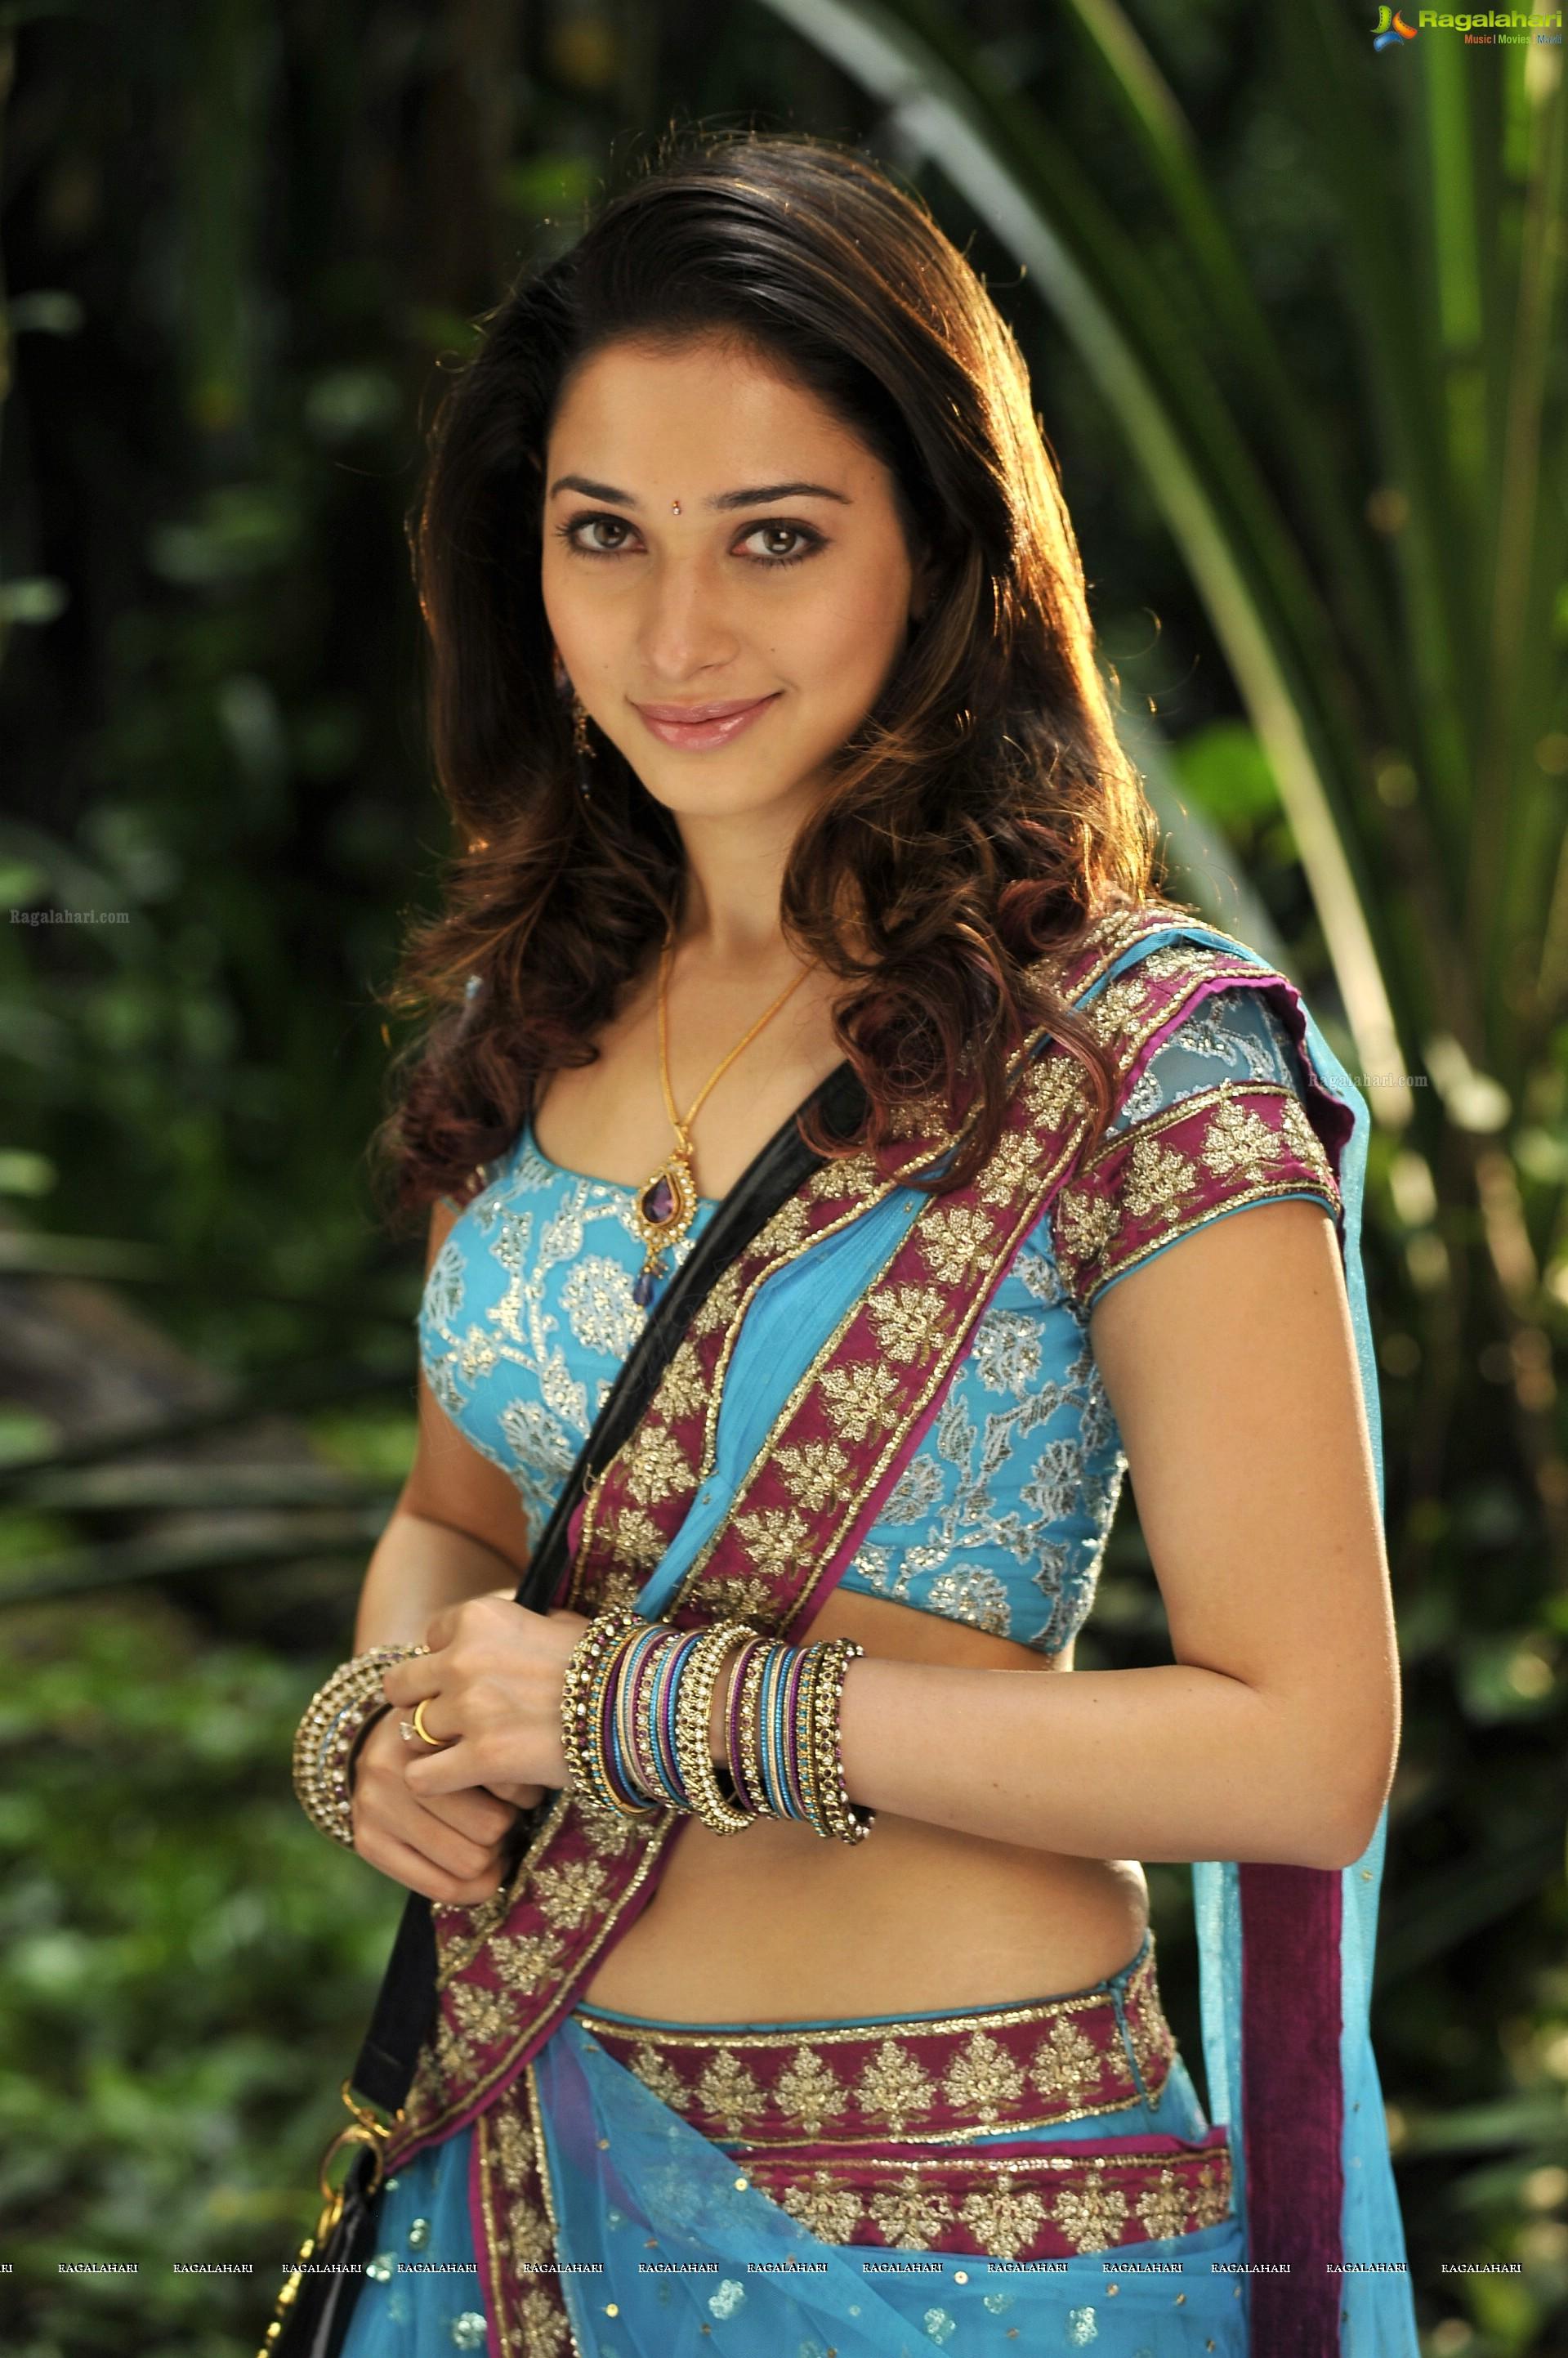 tamanna (hd) image 17 | telugu actress wallpapers ,images, pics